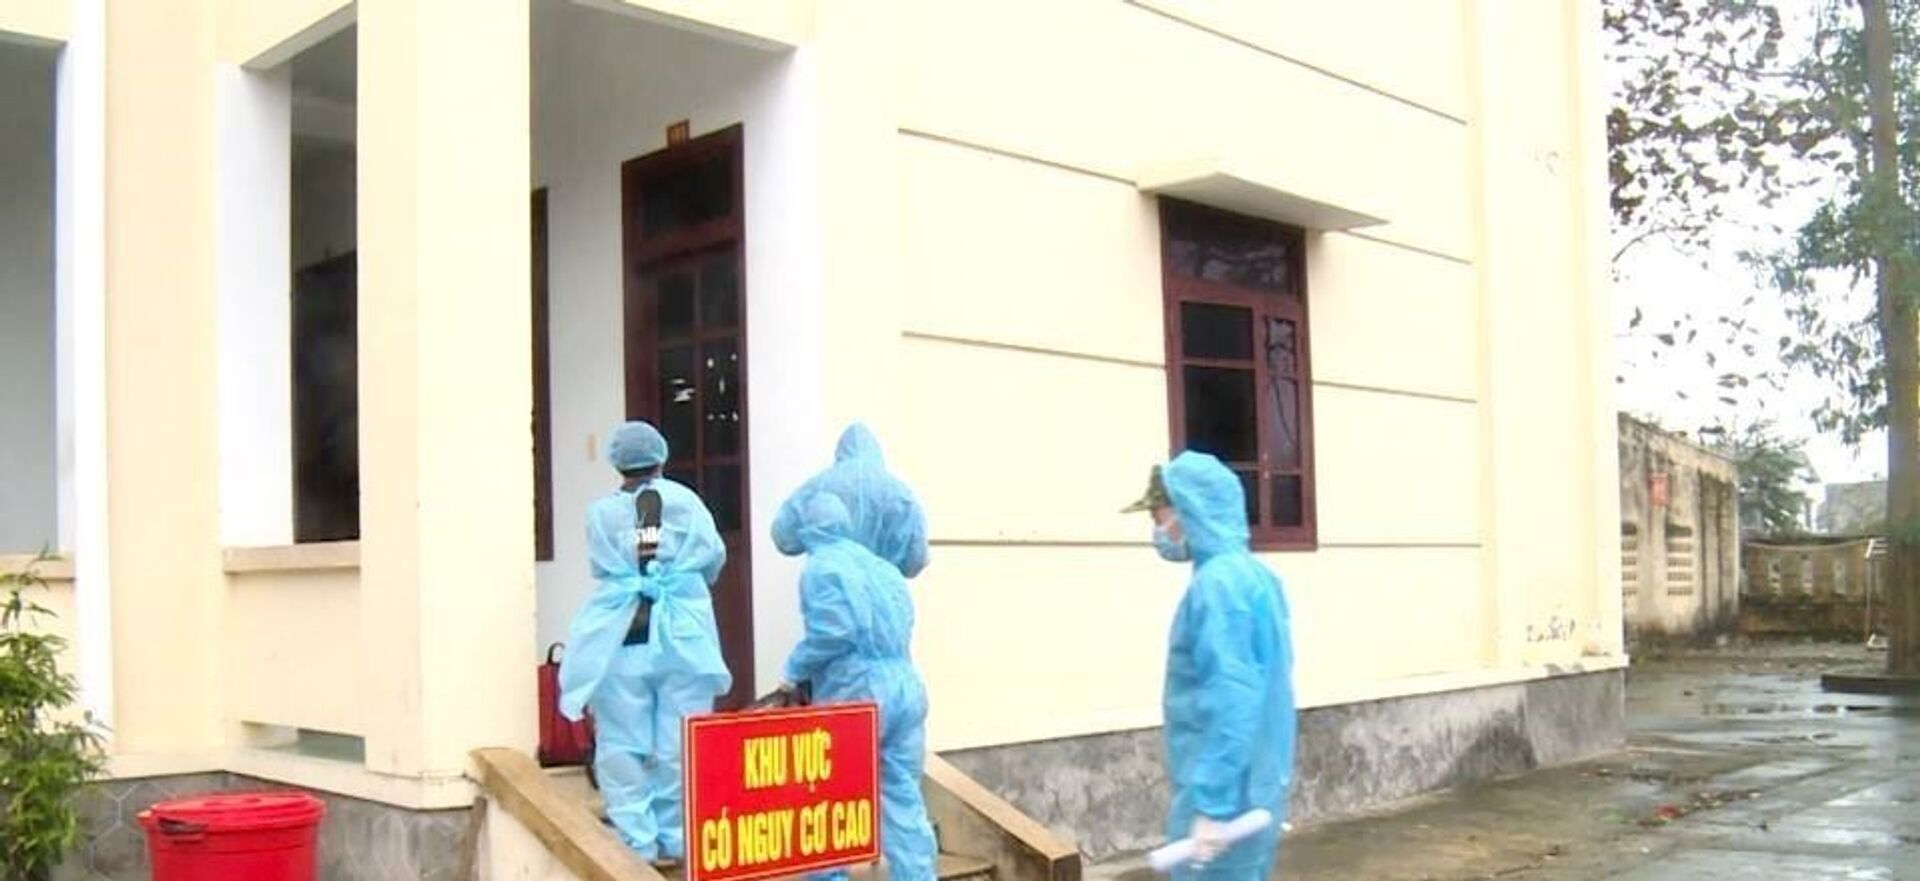 Cả 3 đối tượng được đưa đến khu cách ly y tế tập trung theo quy định trên địa bàn tỉnh Quảng Bình. - Sputnik Việt Nam, 1920, 03.02.2021